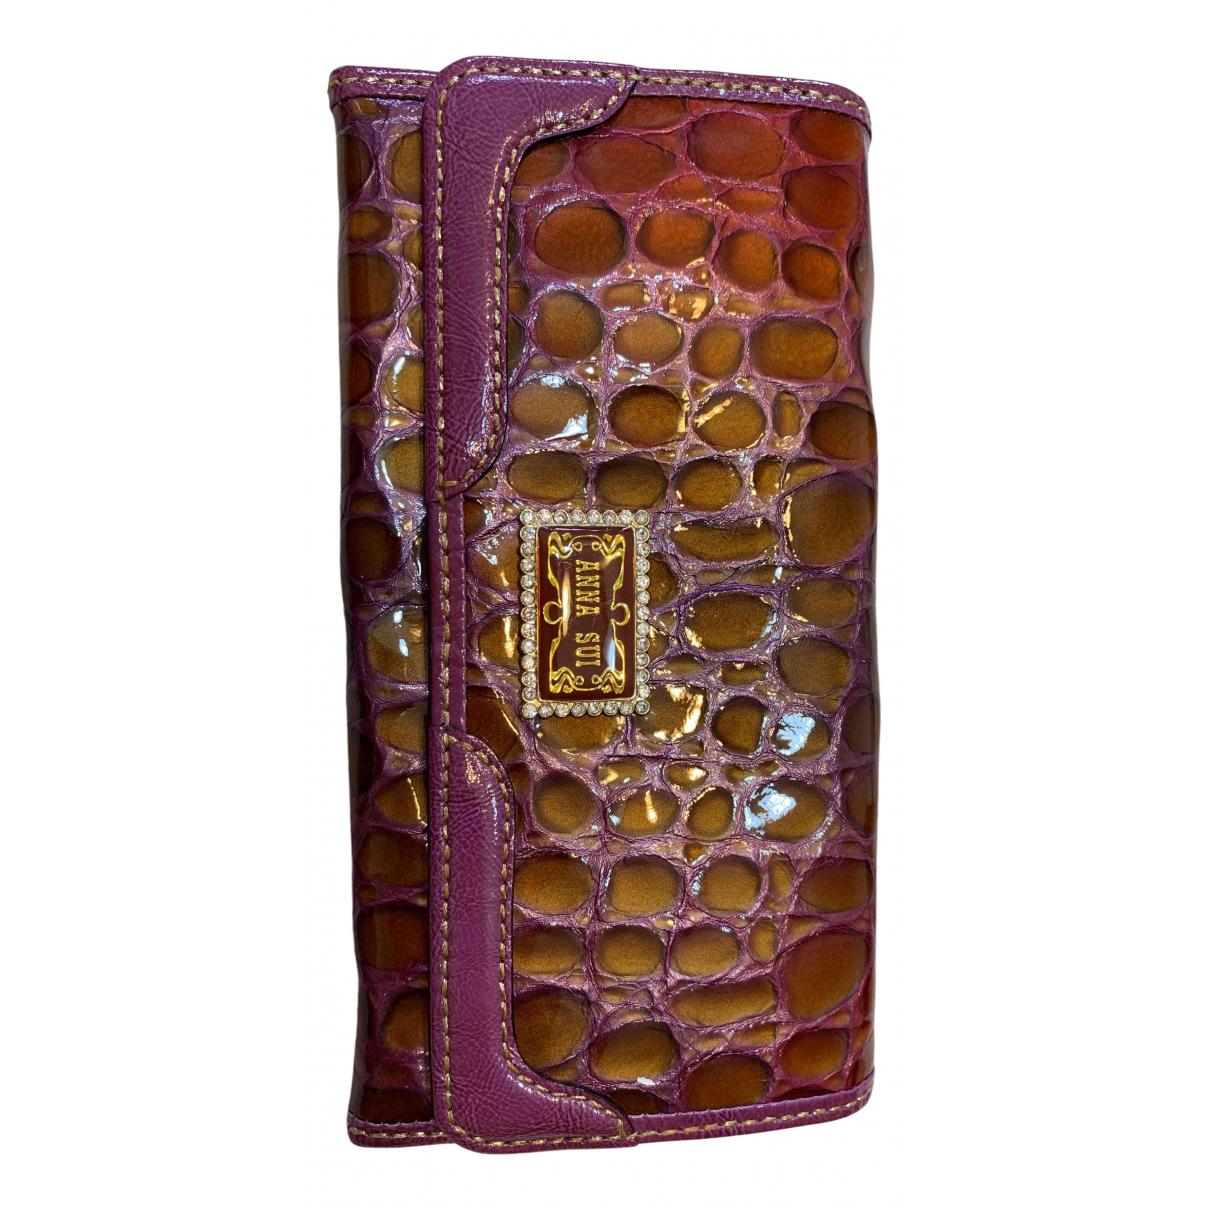 Anna Sui - Portefeuille   pour femme en cuir verni - violet